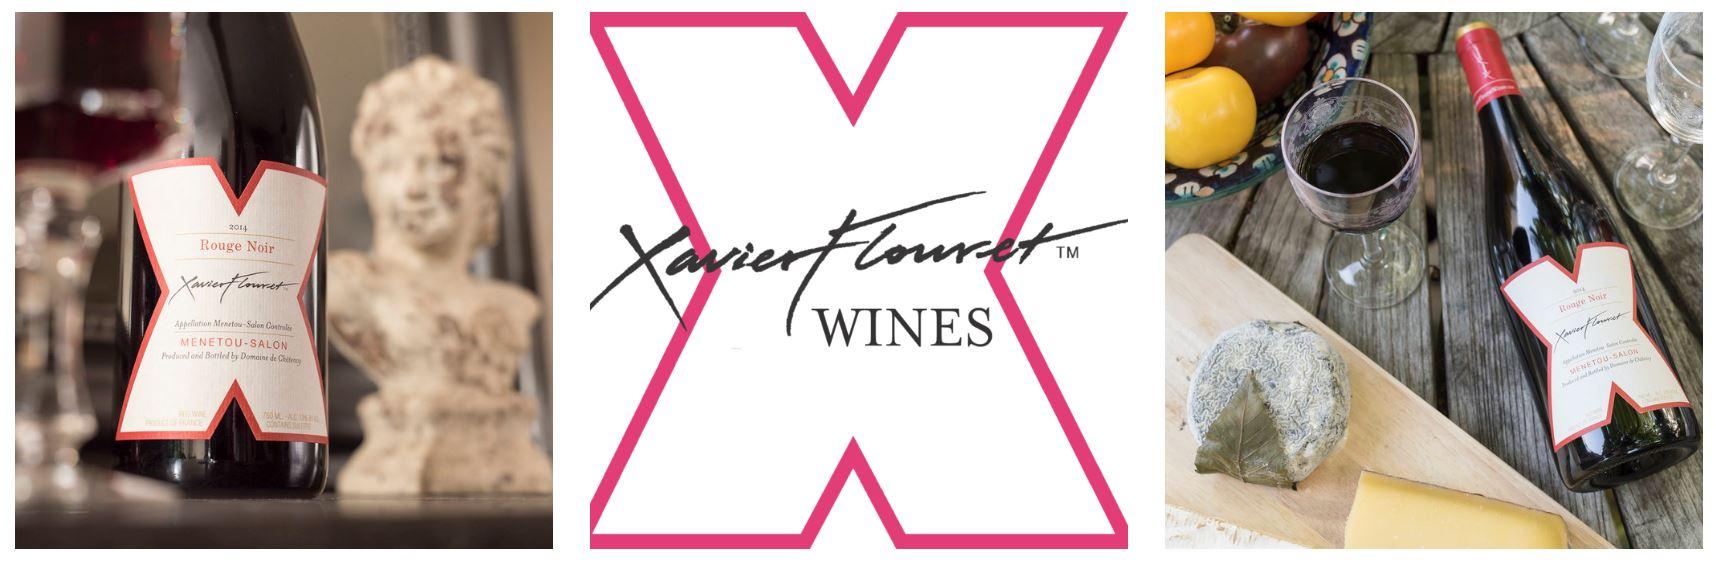 Retrouvez Xavier Flouret sur Instagram  en cliquant ici